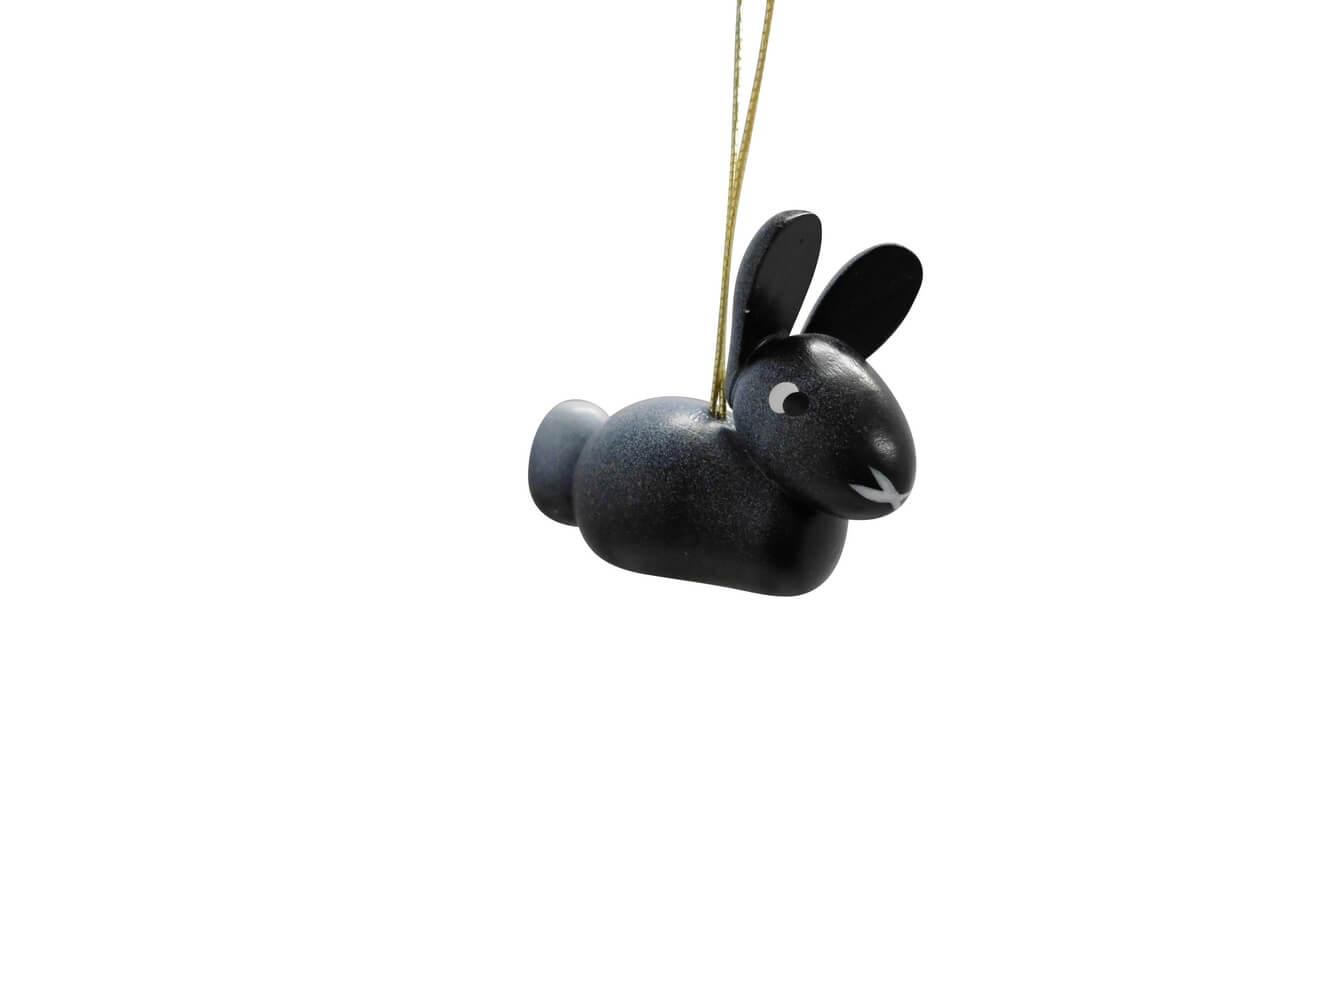 Hase zum hängen schwarz, 5 Stück, 3 cm von Nestler-Seiffen aus Seiffen/ Erzgebirge